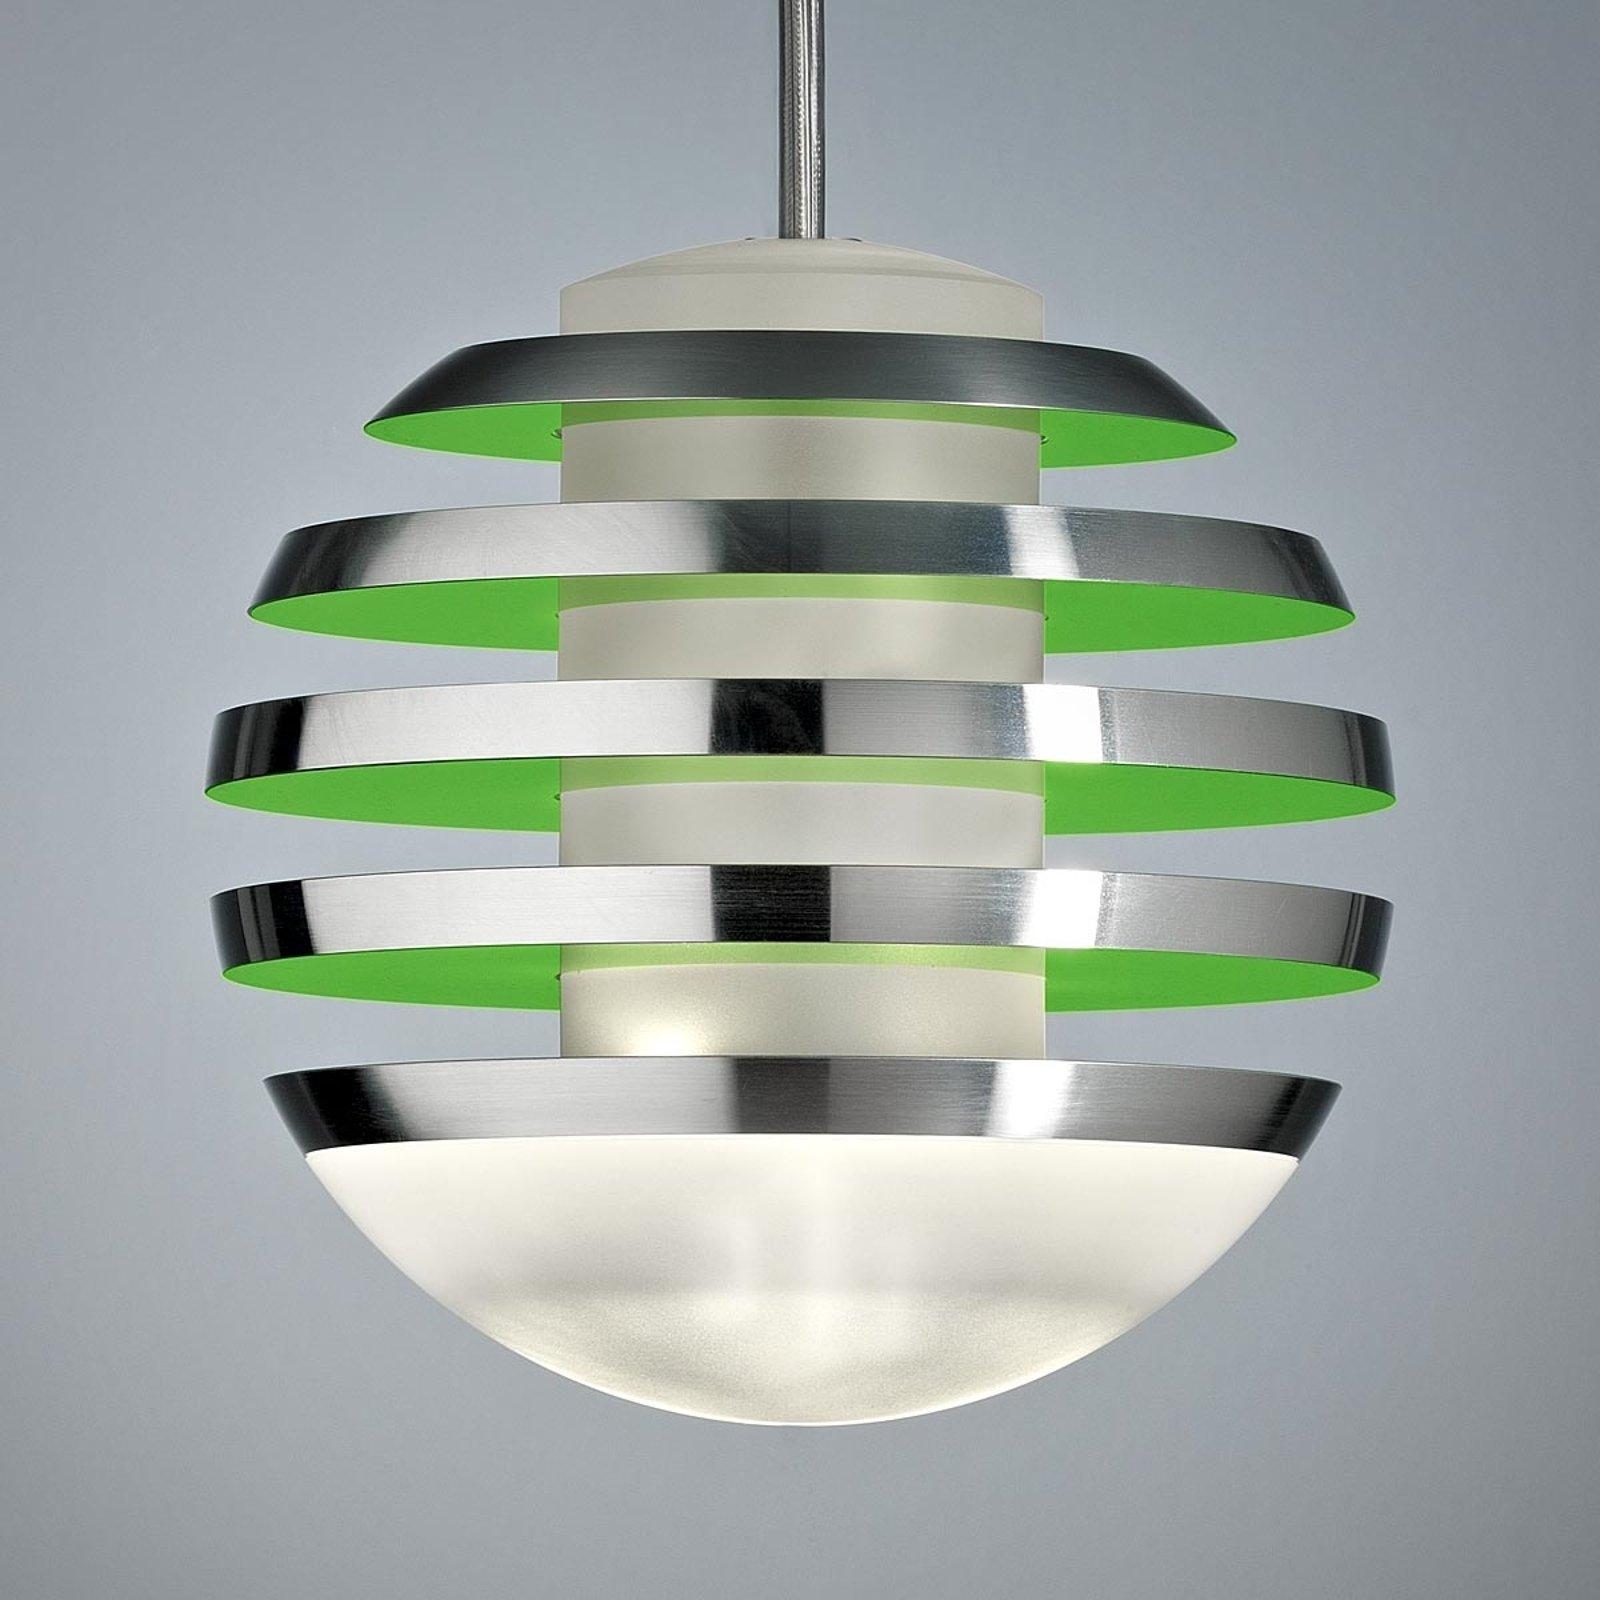 LED-hengelampe BULO grønn